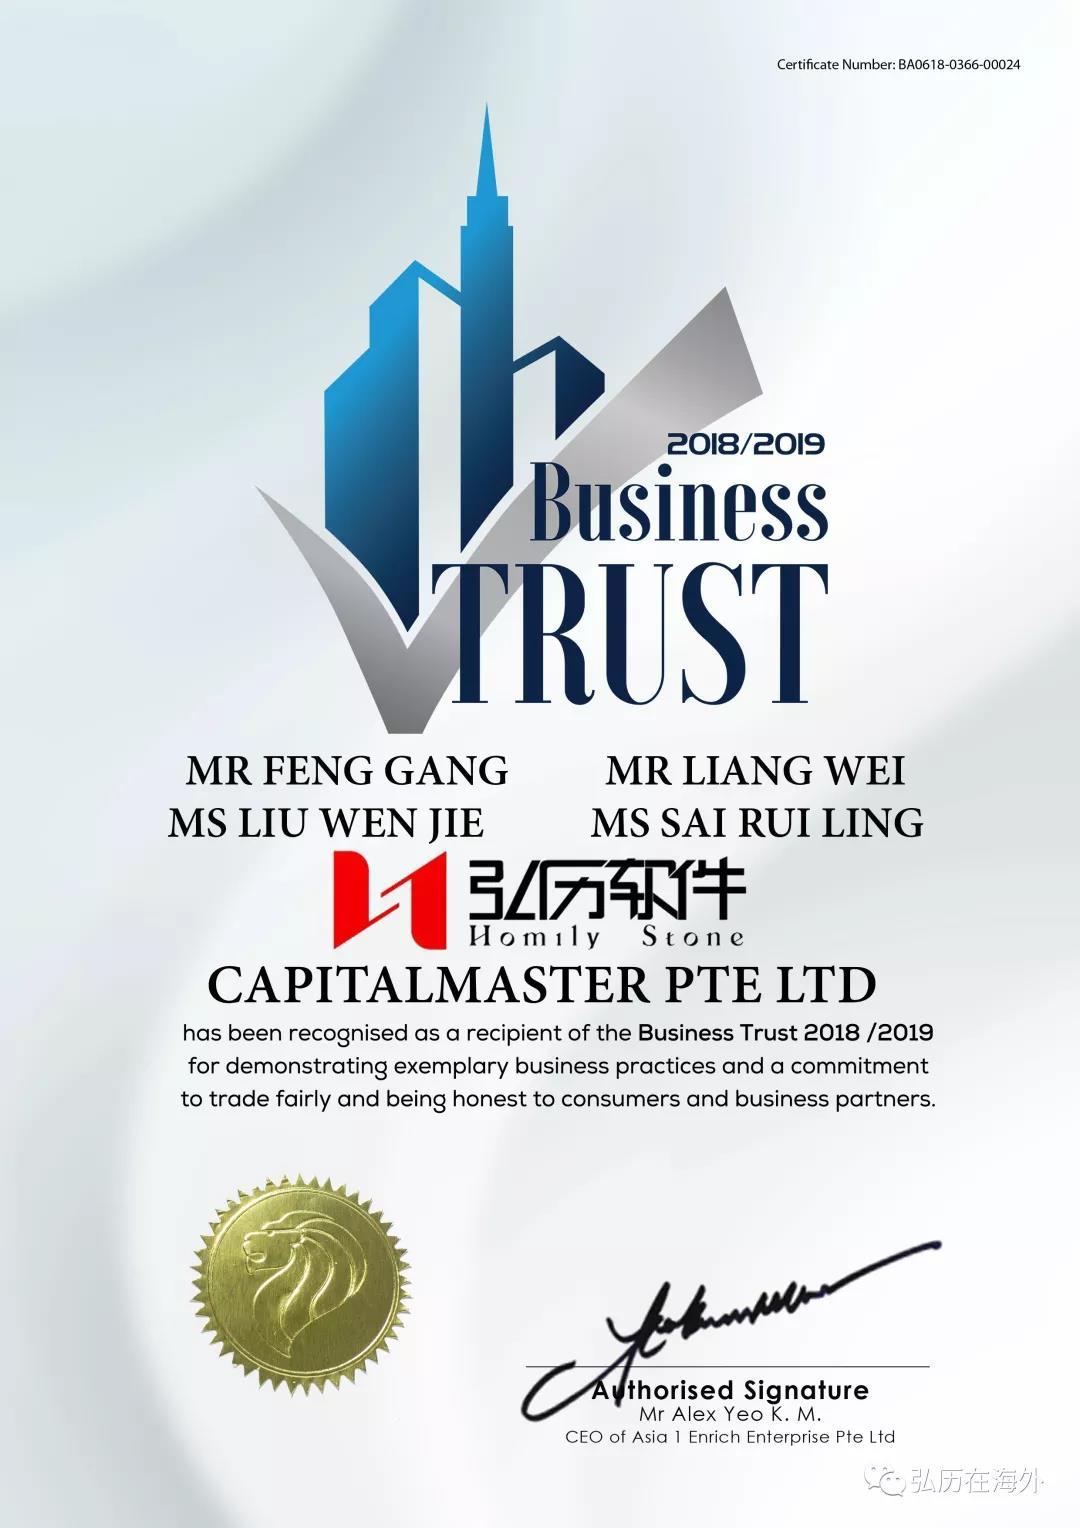 弘历软件荣获新加坡诚信企业大奖